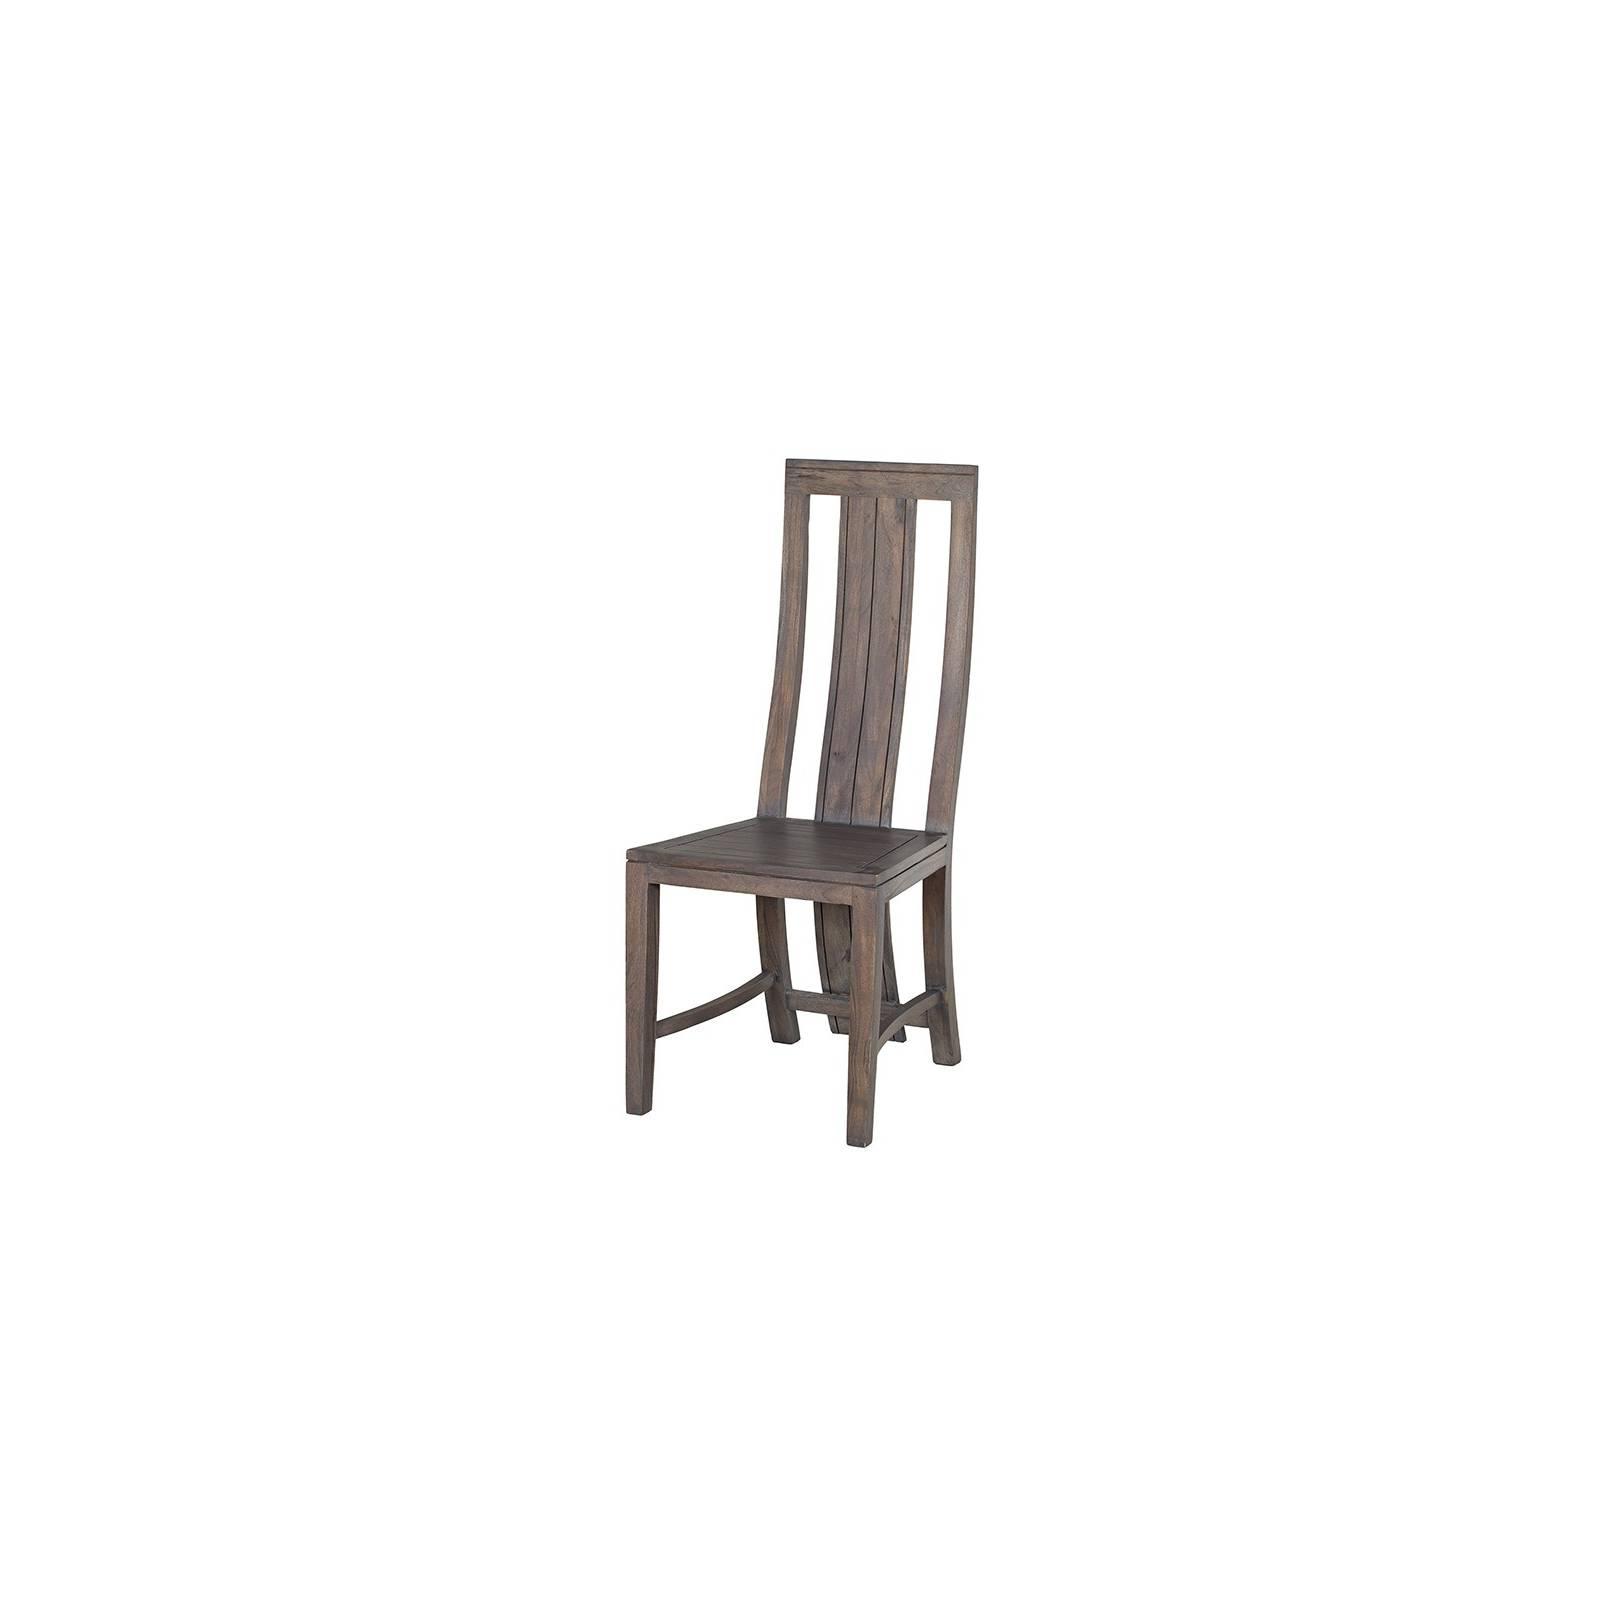 Chaise Tara Grisée Acacia - meuble design haut de gamme